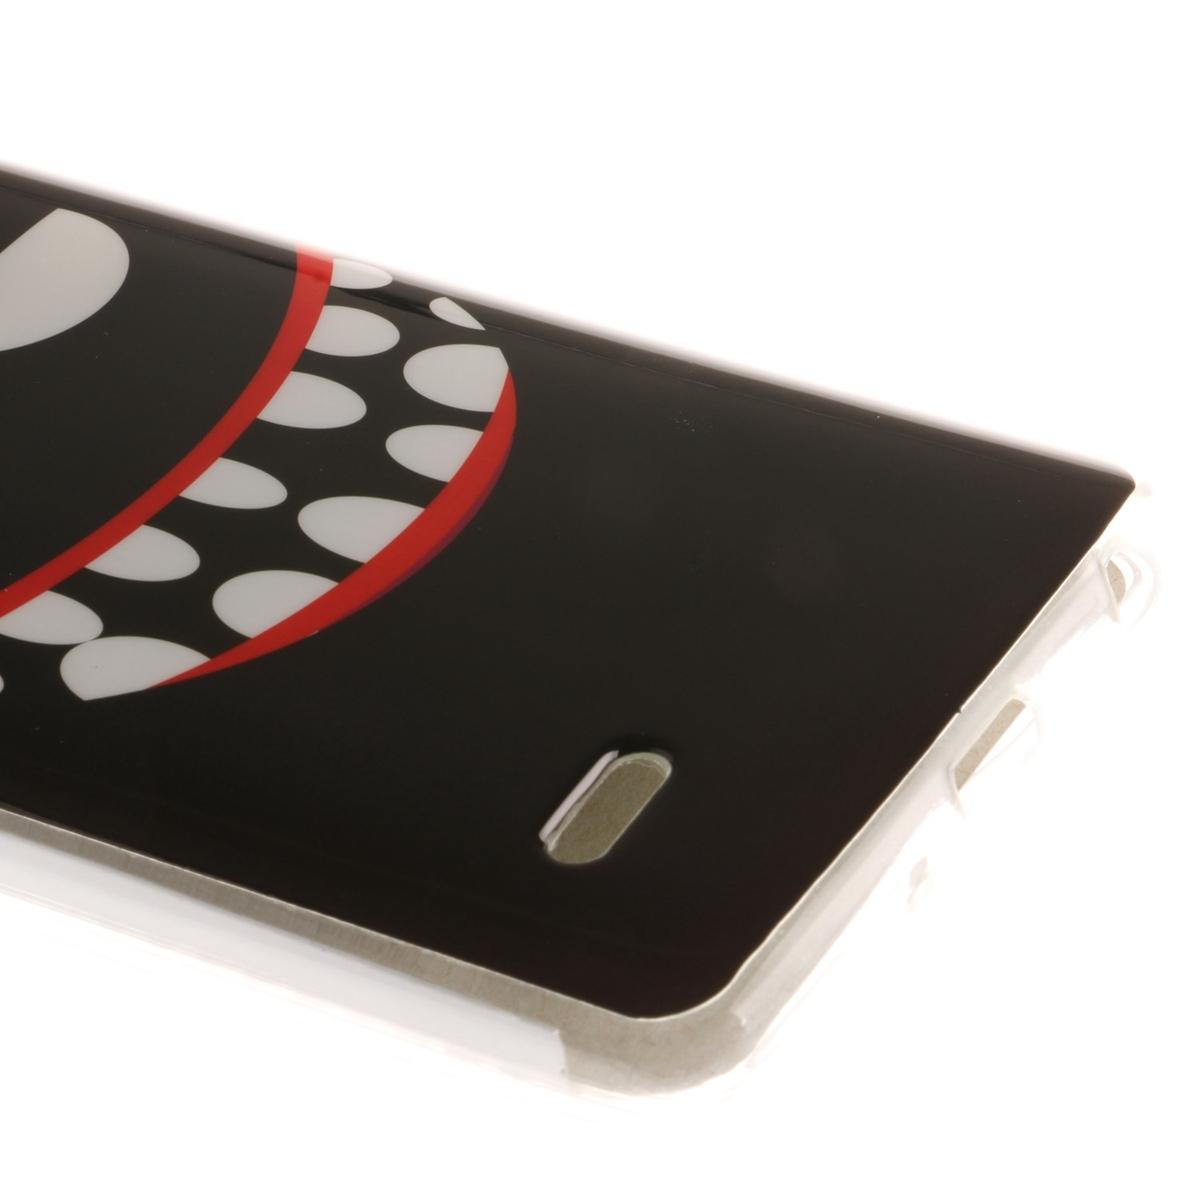 Sangat tipis dan lembut cocok TPU pelindung kasus sampul belakang telepon untuk LG G3 Stylus D690 ...